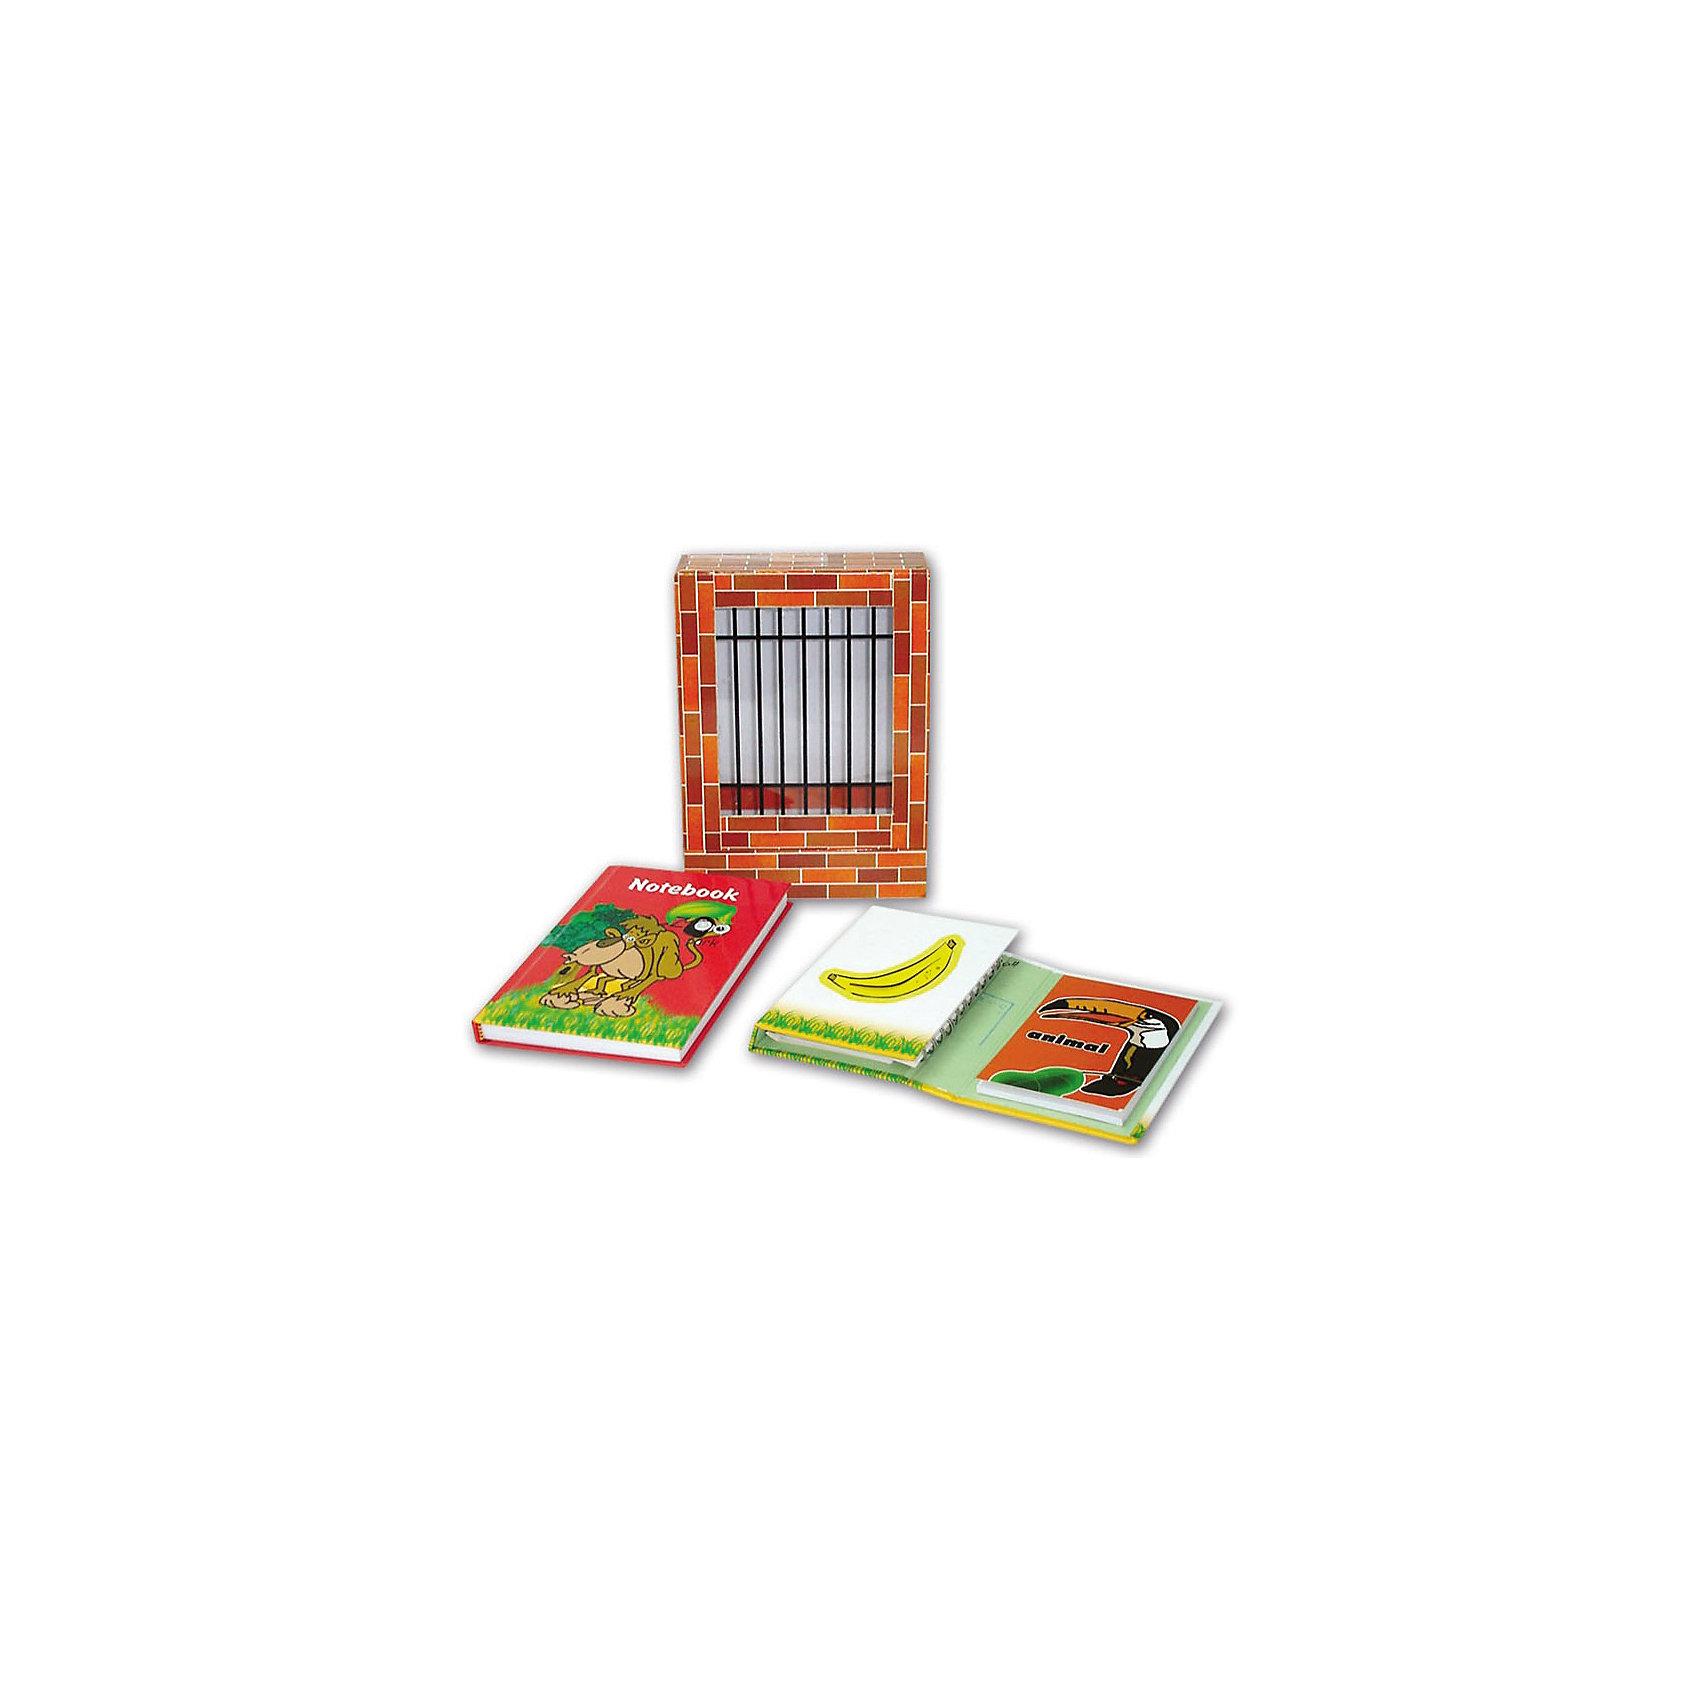 Подарочный канцелярский набор ЗоопаркТакой канцелярский набор непременно пригодится каждому школьнику!<br><br>Дополнительная информация:<br><br>- Возраст: от 6 лет.<br>- В наборе: 2 записные книжки (9х14 см., 80 листов), блок для записей(8х11 см., 40 листов).<br>- Вес в упаковке: 400 г.<br><br>Купить подарочный канцелярский набор Зоопарк можно в нашем магазине.<br><br>Ширина мм: 9999<br>Глубина мм: 9999<br>Высота мм: 9999<br>Вес г: 400<br>Возраст от месяцев: 72<br>Возраст до месяцев: 2147483647<br>Пол: Унисекс<br>Возраст: Детский<br>SKU: 4943612